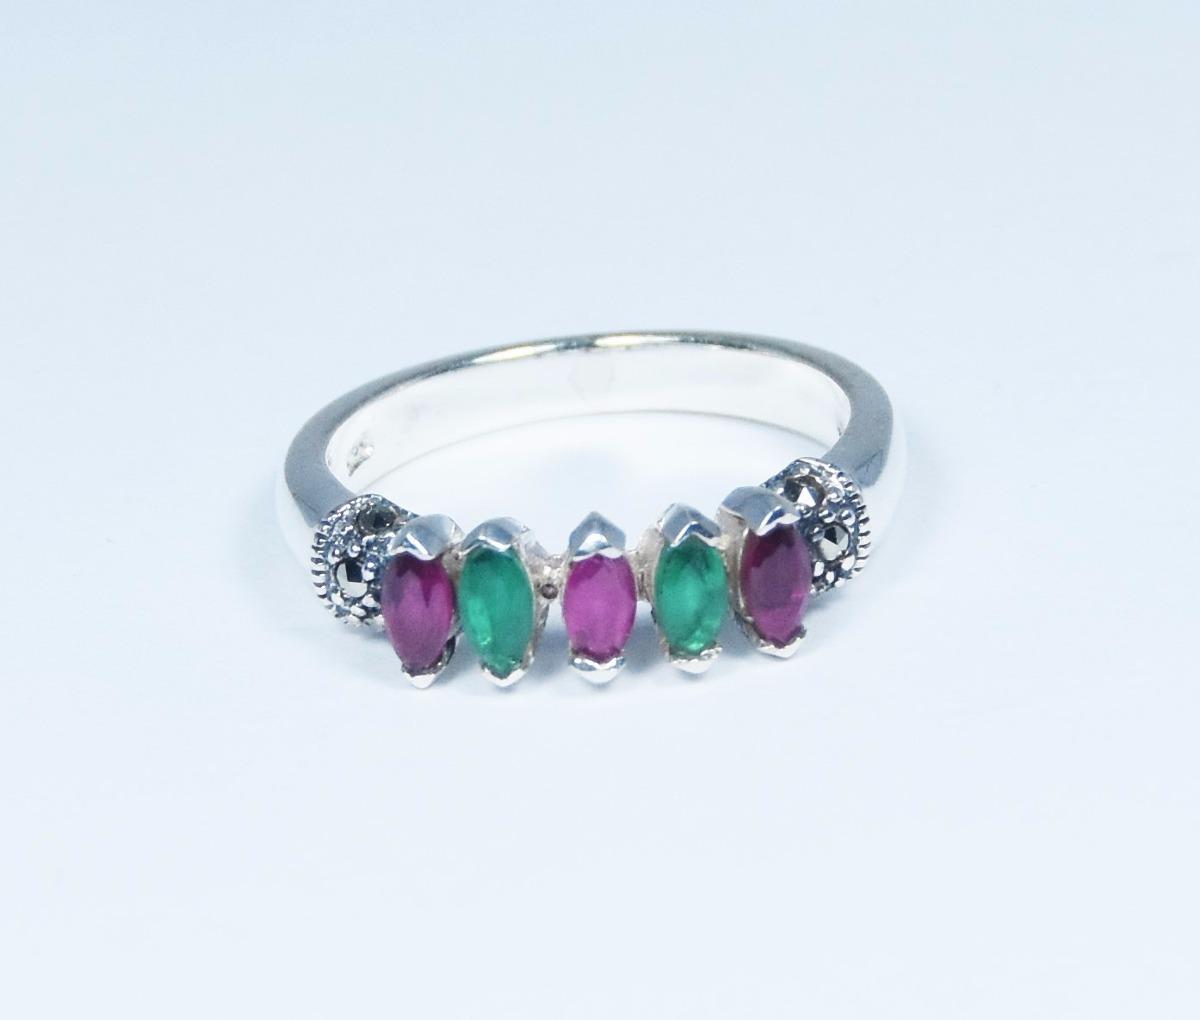 c1b7b83e5823 anillo de plata con piedras preciosas guilad joyas prc08. Cargando zoom.